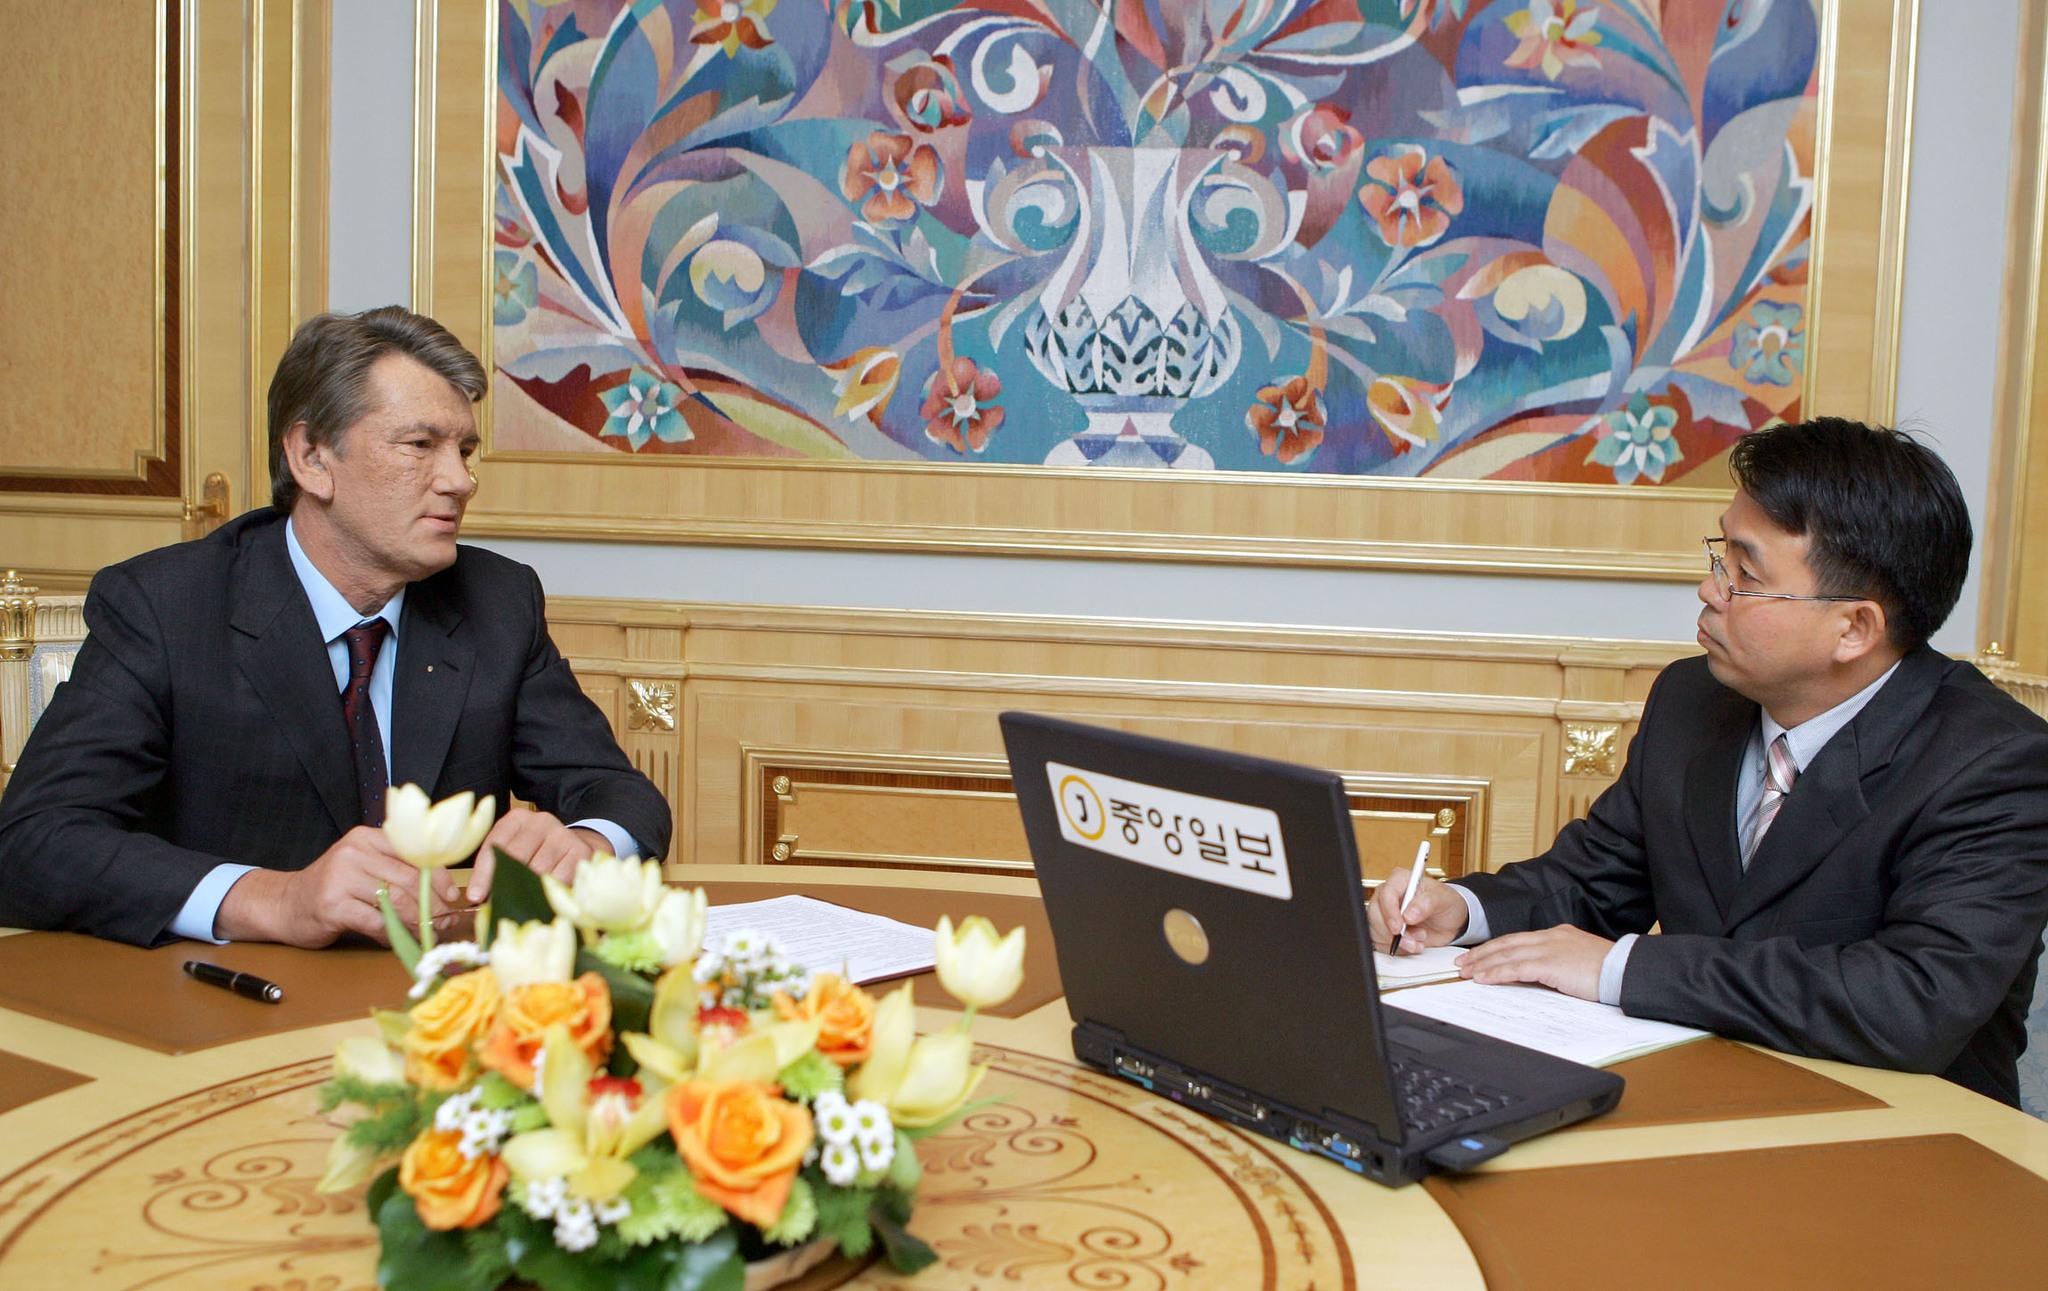 2006년 중앙일보와 인터뷰하는 빅토르 유셴코 우크라이나 대통령(왼쪽).오른쪽은 당시 본지 유철종 특파원 [중앙포토]